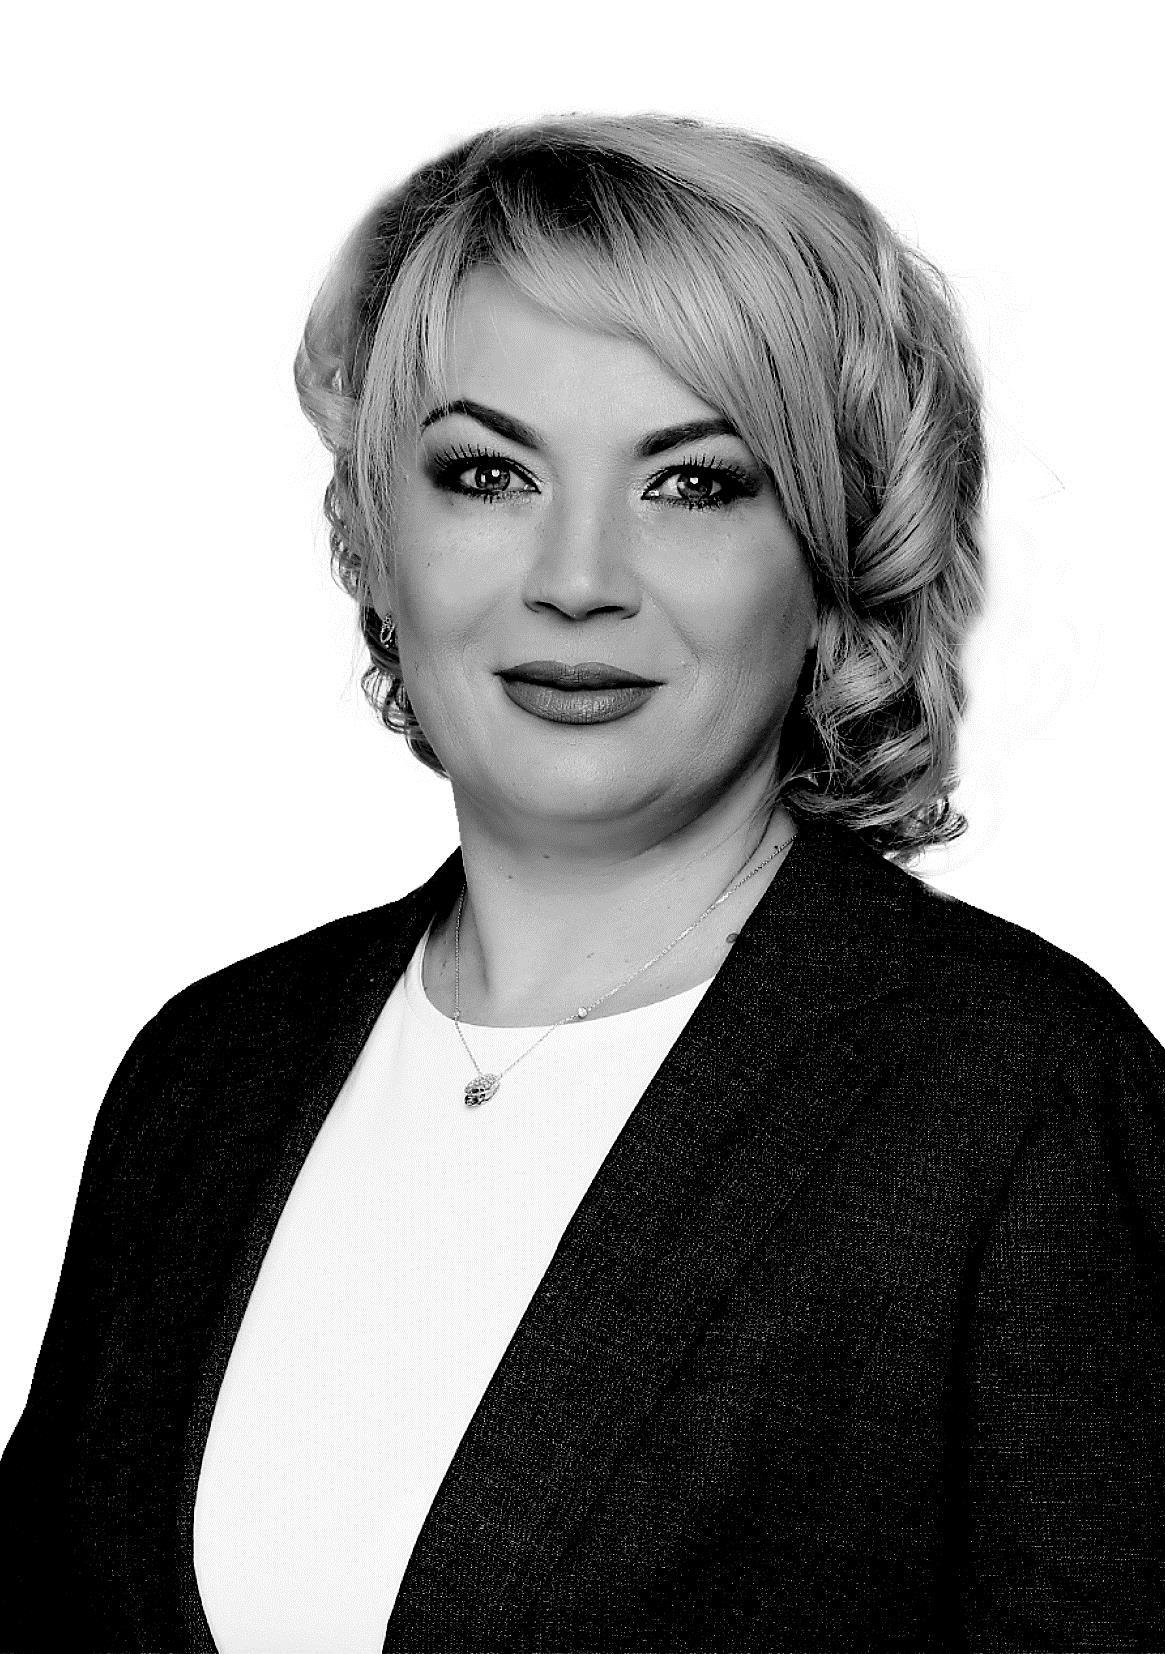 Китикарь Оксана Васильевна